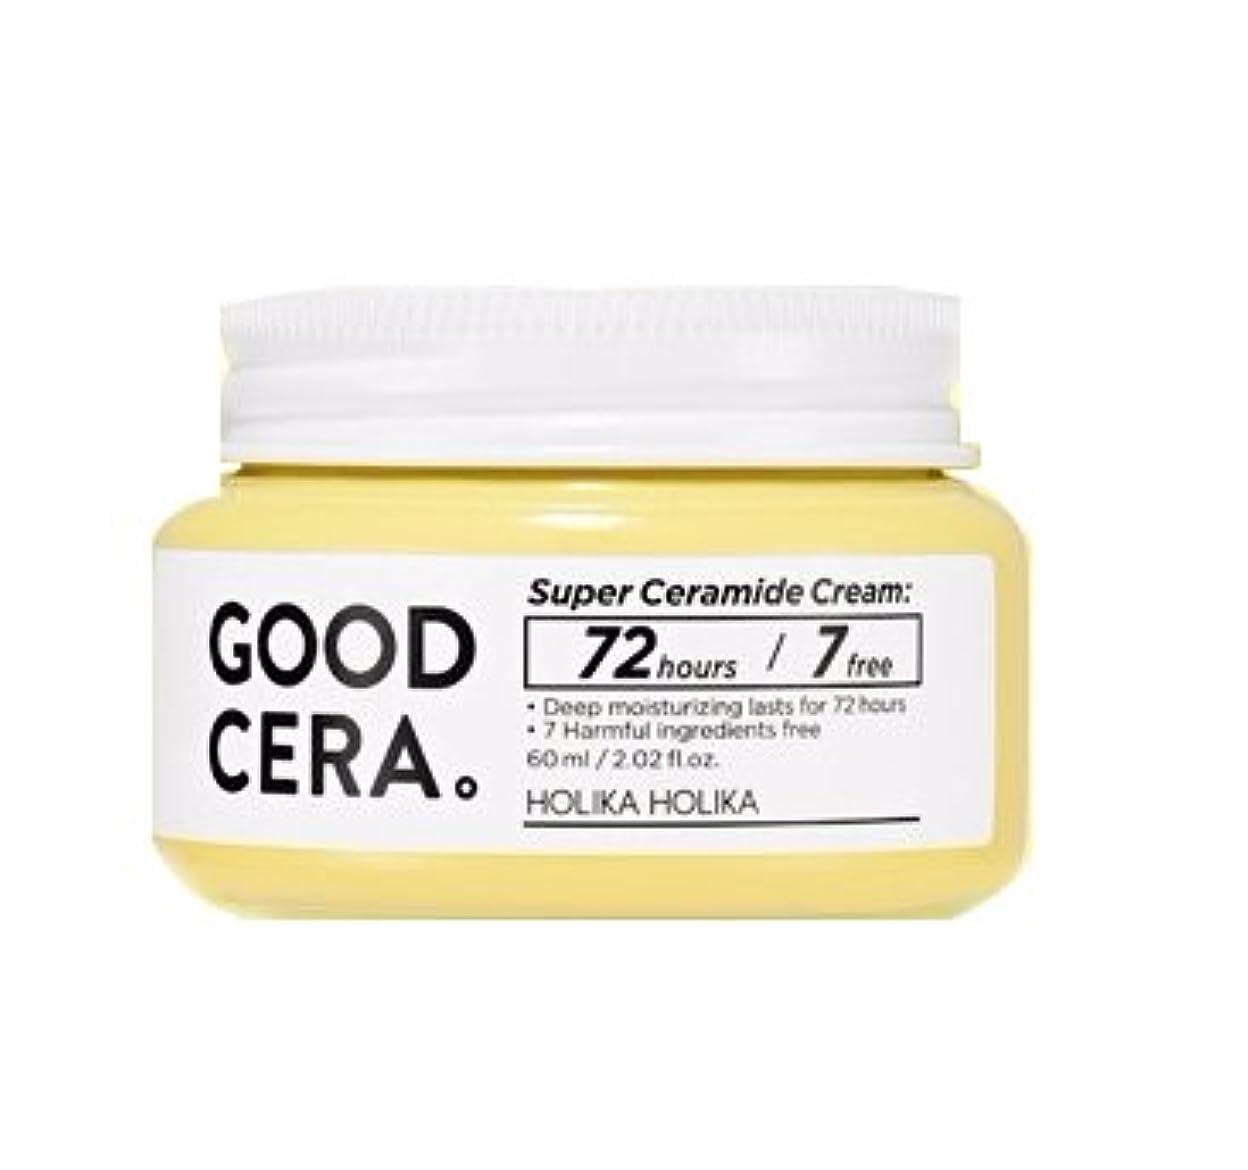 研究破滅的なブラケット[NEW] ホリカホリカ スーパーセラミドクリーム 60ml / HOLIKA HOLIKA Super Ceramide Cream [並行輸入品]